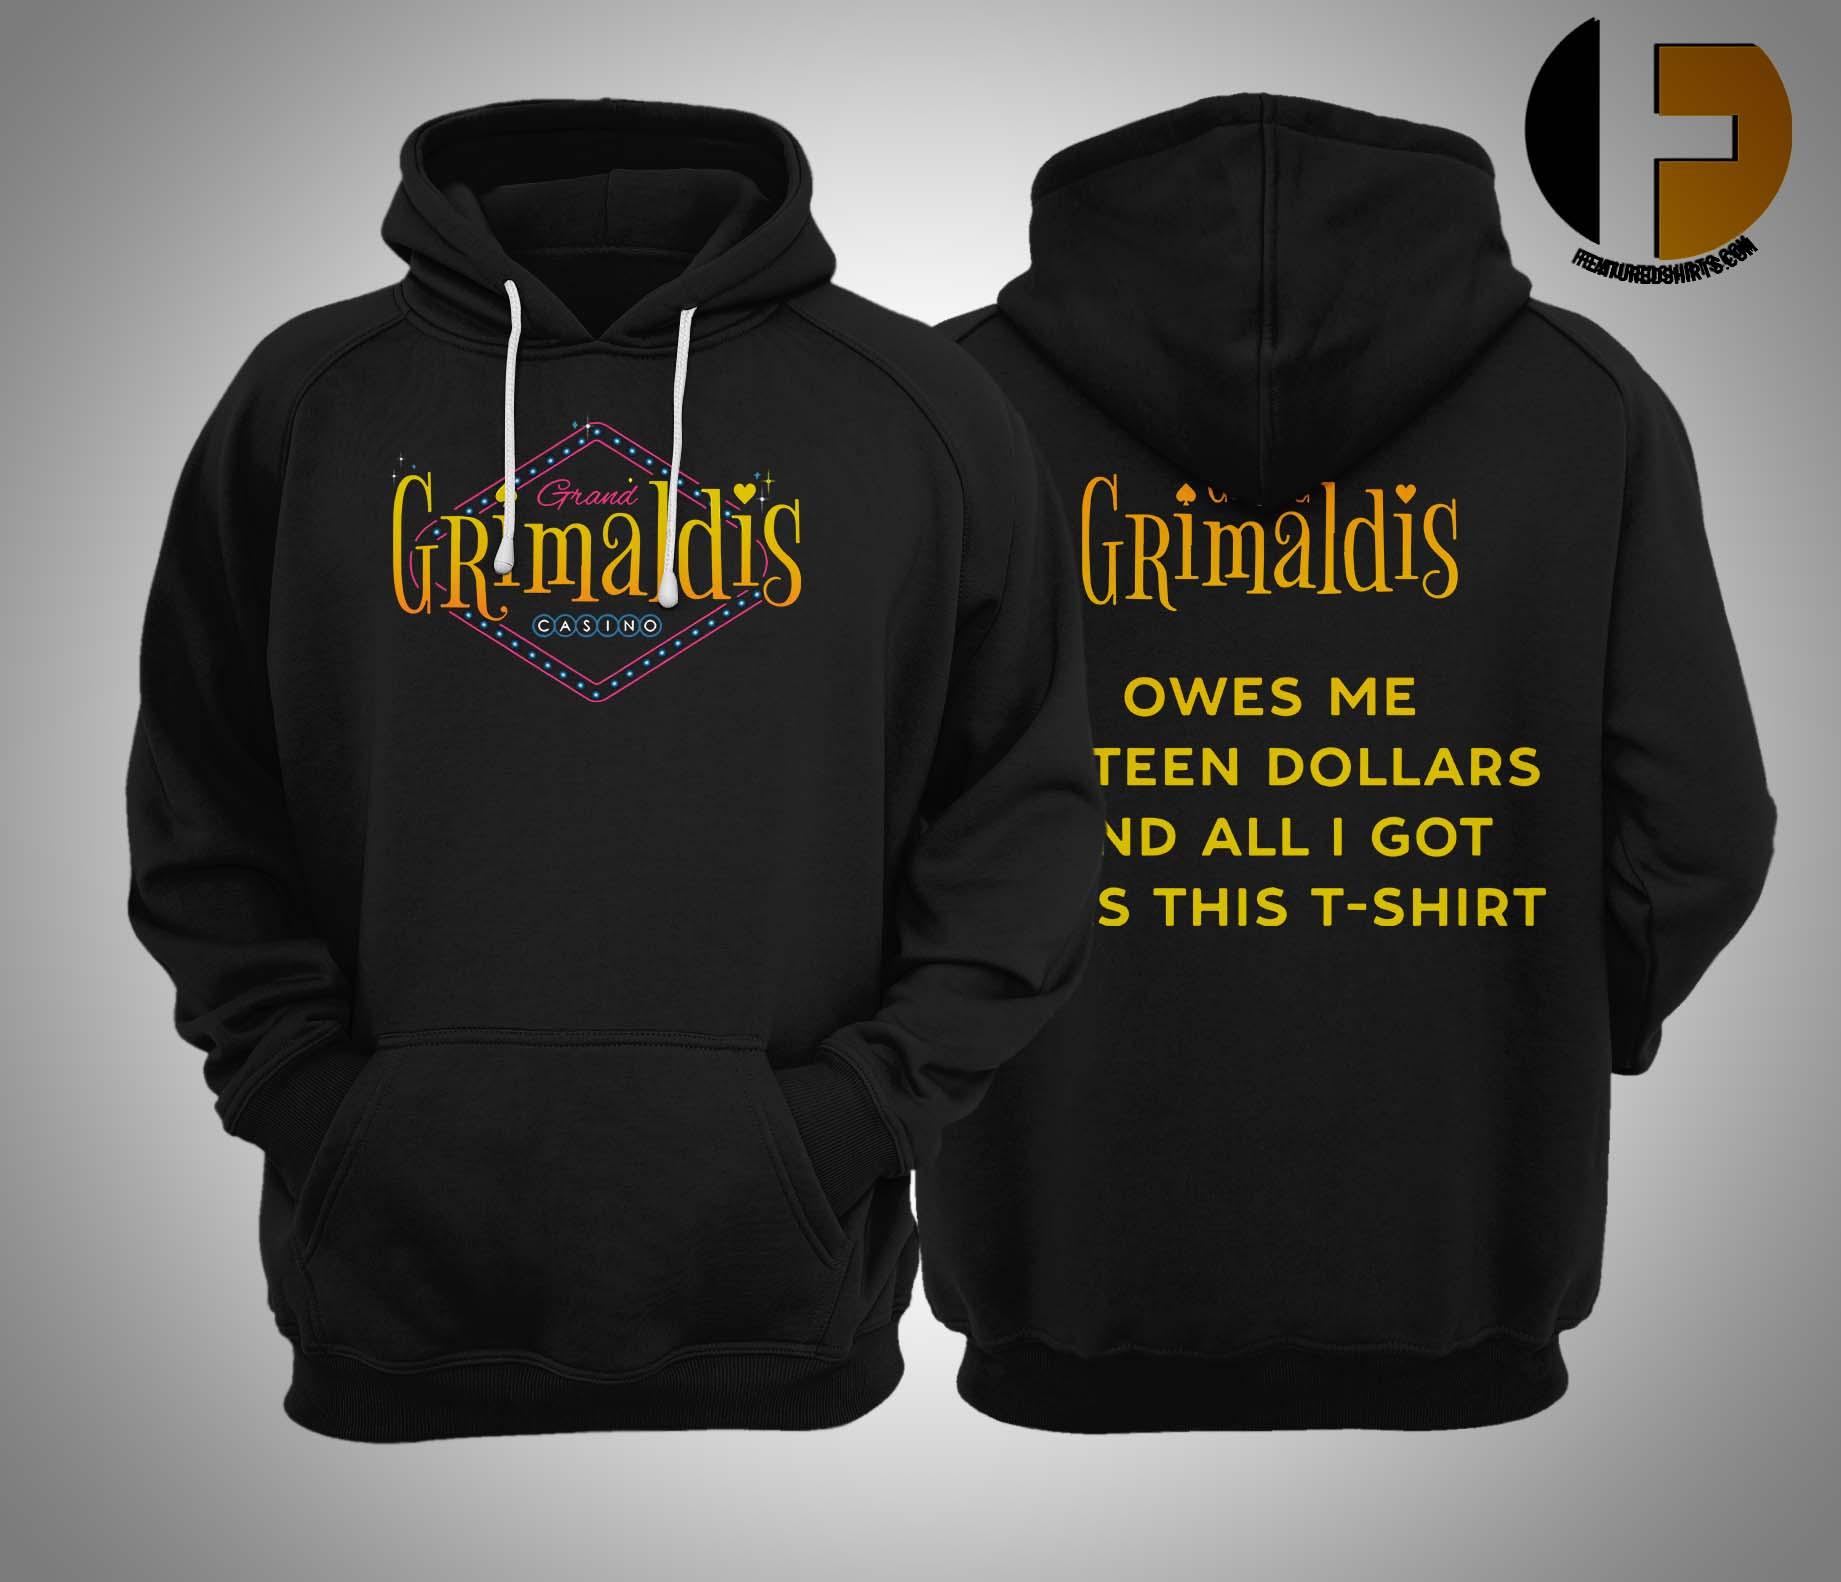 Greg Grimaldis Owes Me Fifteen Dollars Hoodie